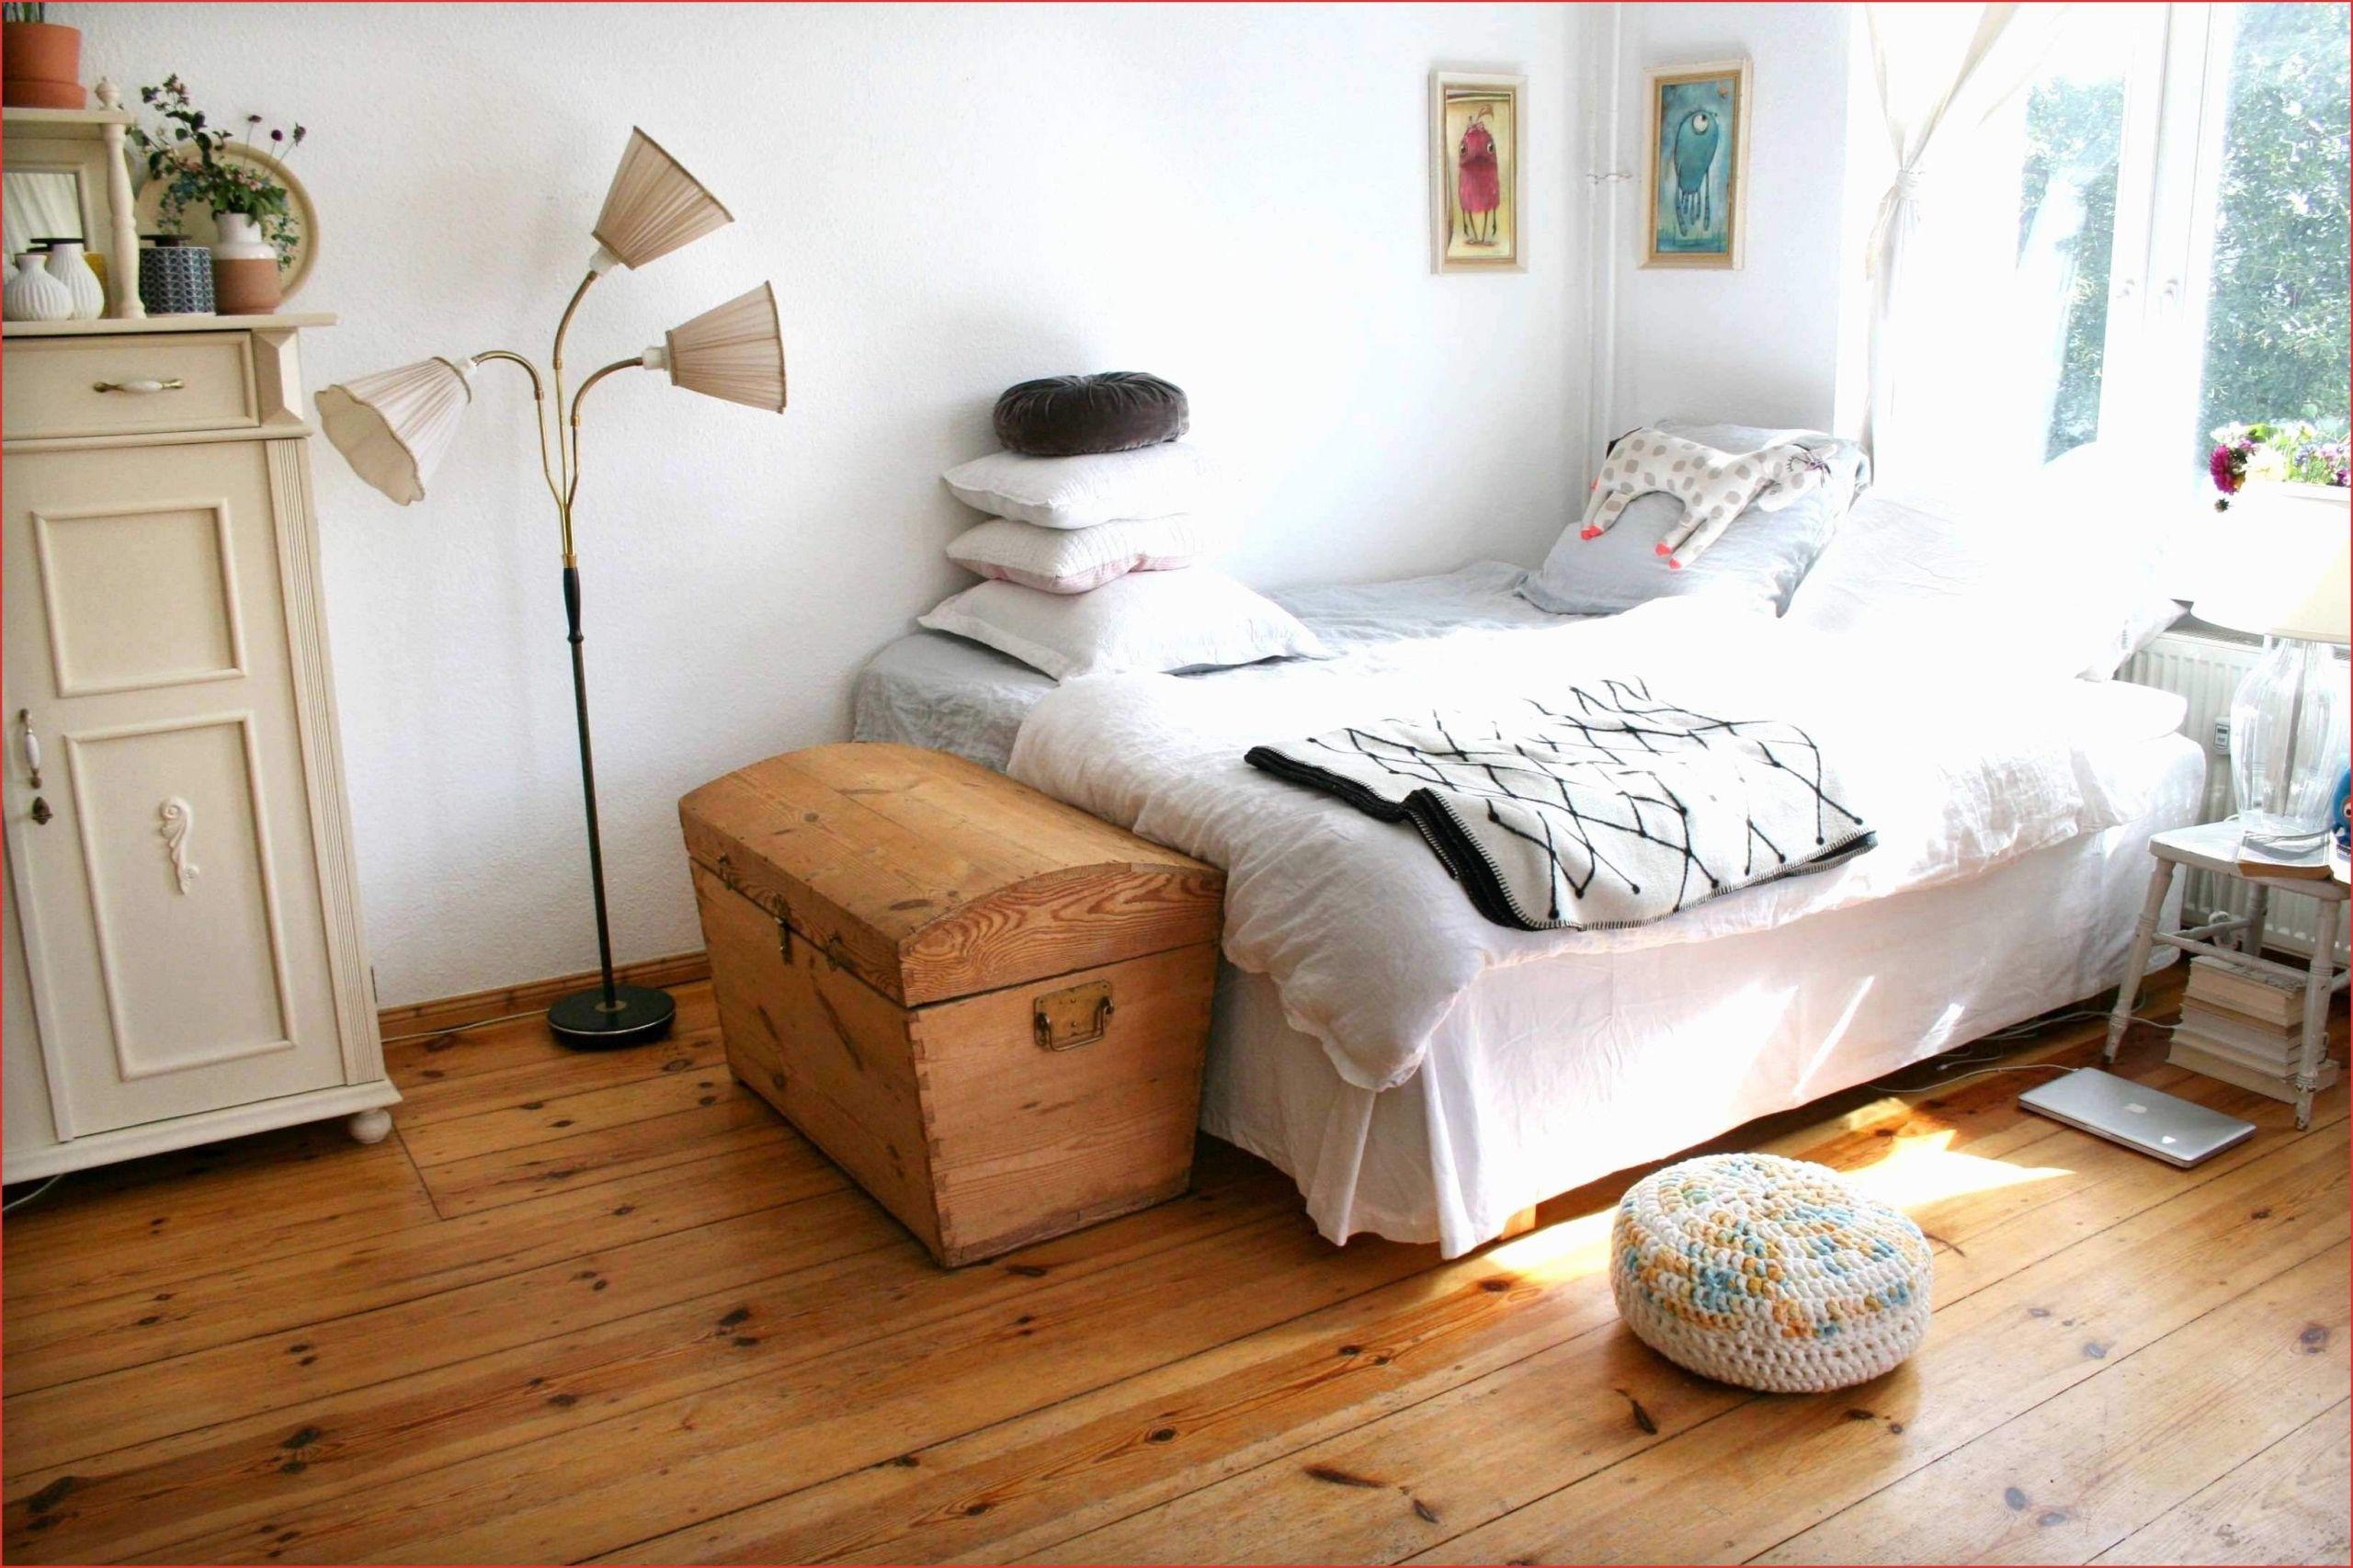 deko wohnzimmer modern inspirierend kaminofen modern neu house design interesting modern bed of deko wohnzimmer modern